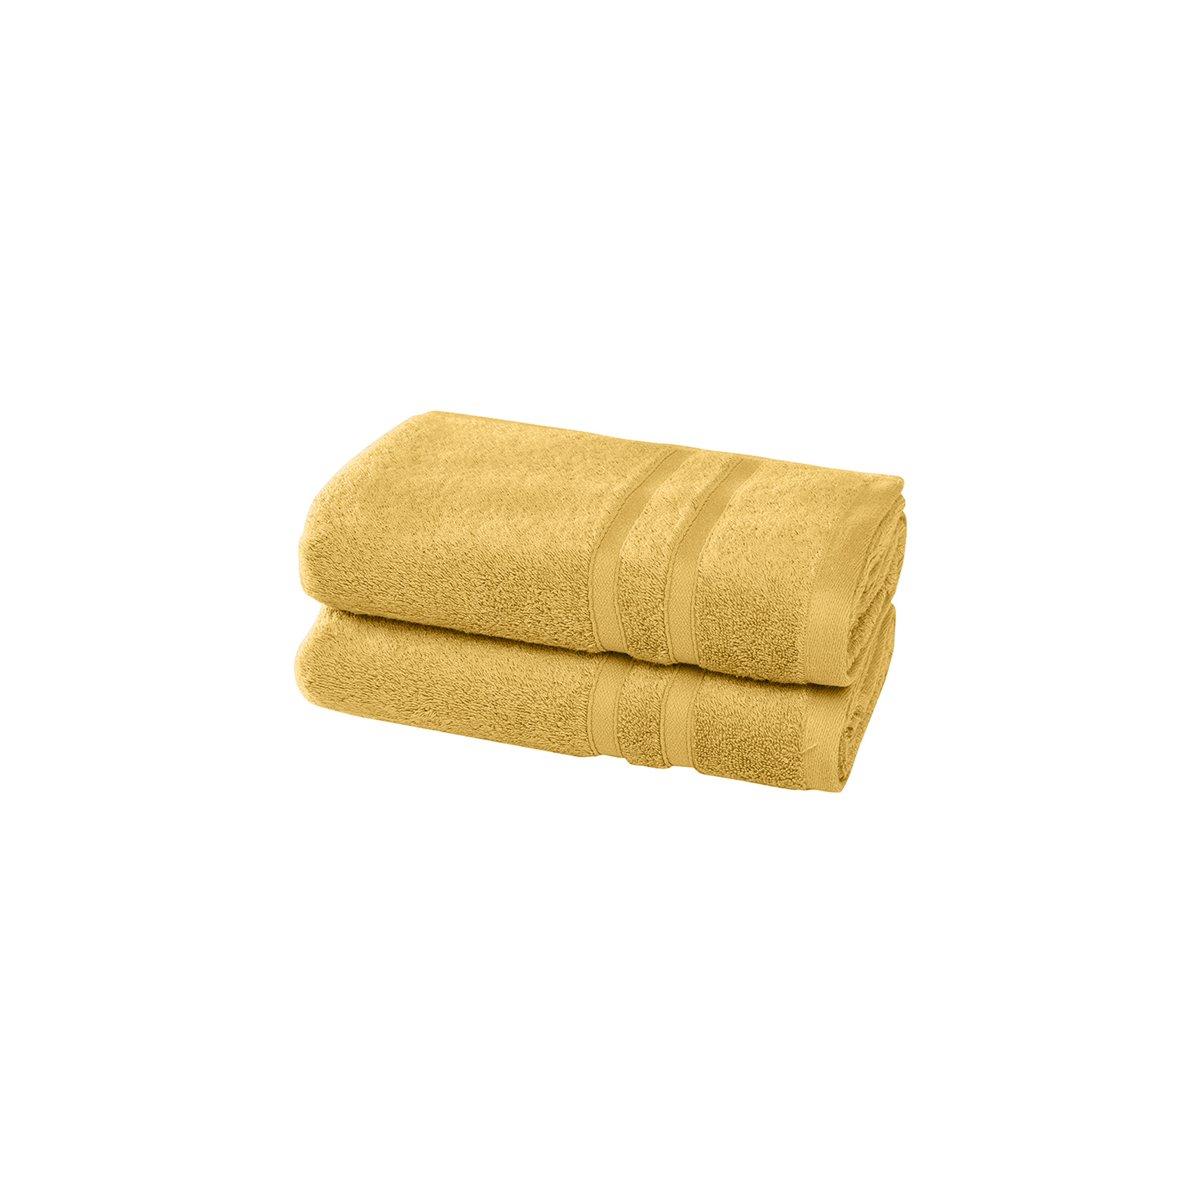 2 serviettes en coton bio Miel 50x100 cm